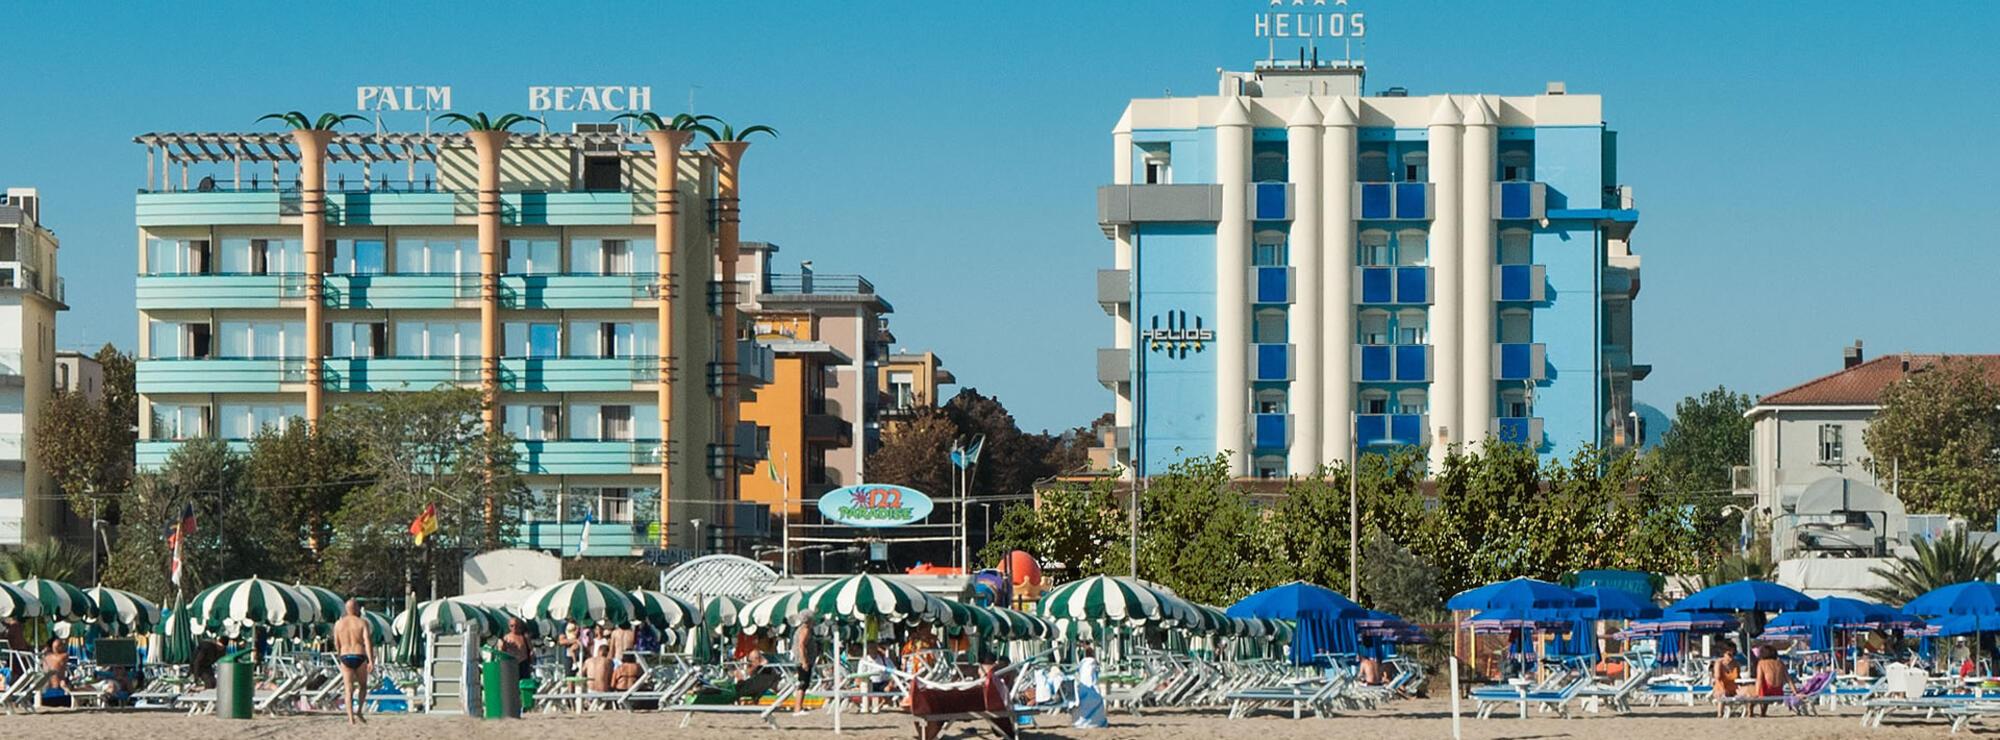 Hotel 3 stelle superior rimini palm beach hotel e - Residence rimini con piscina ...